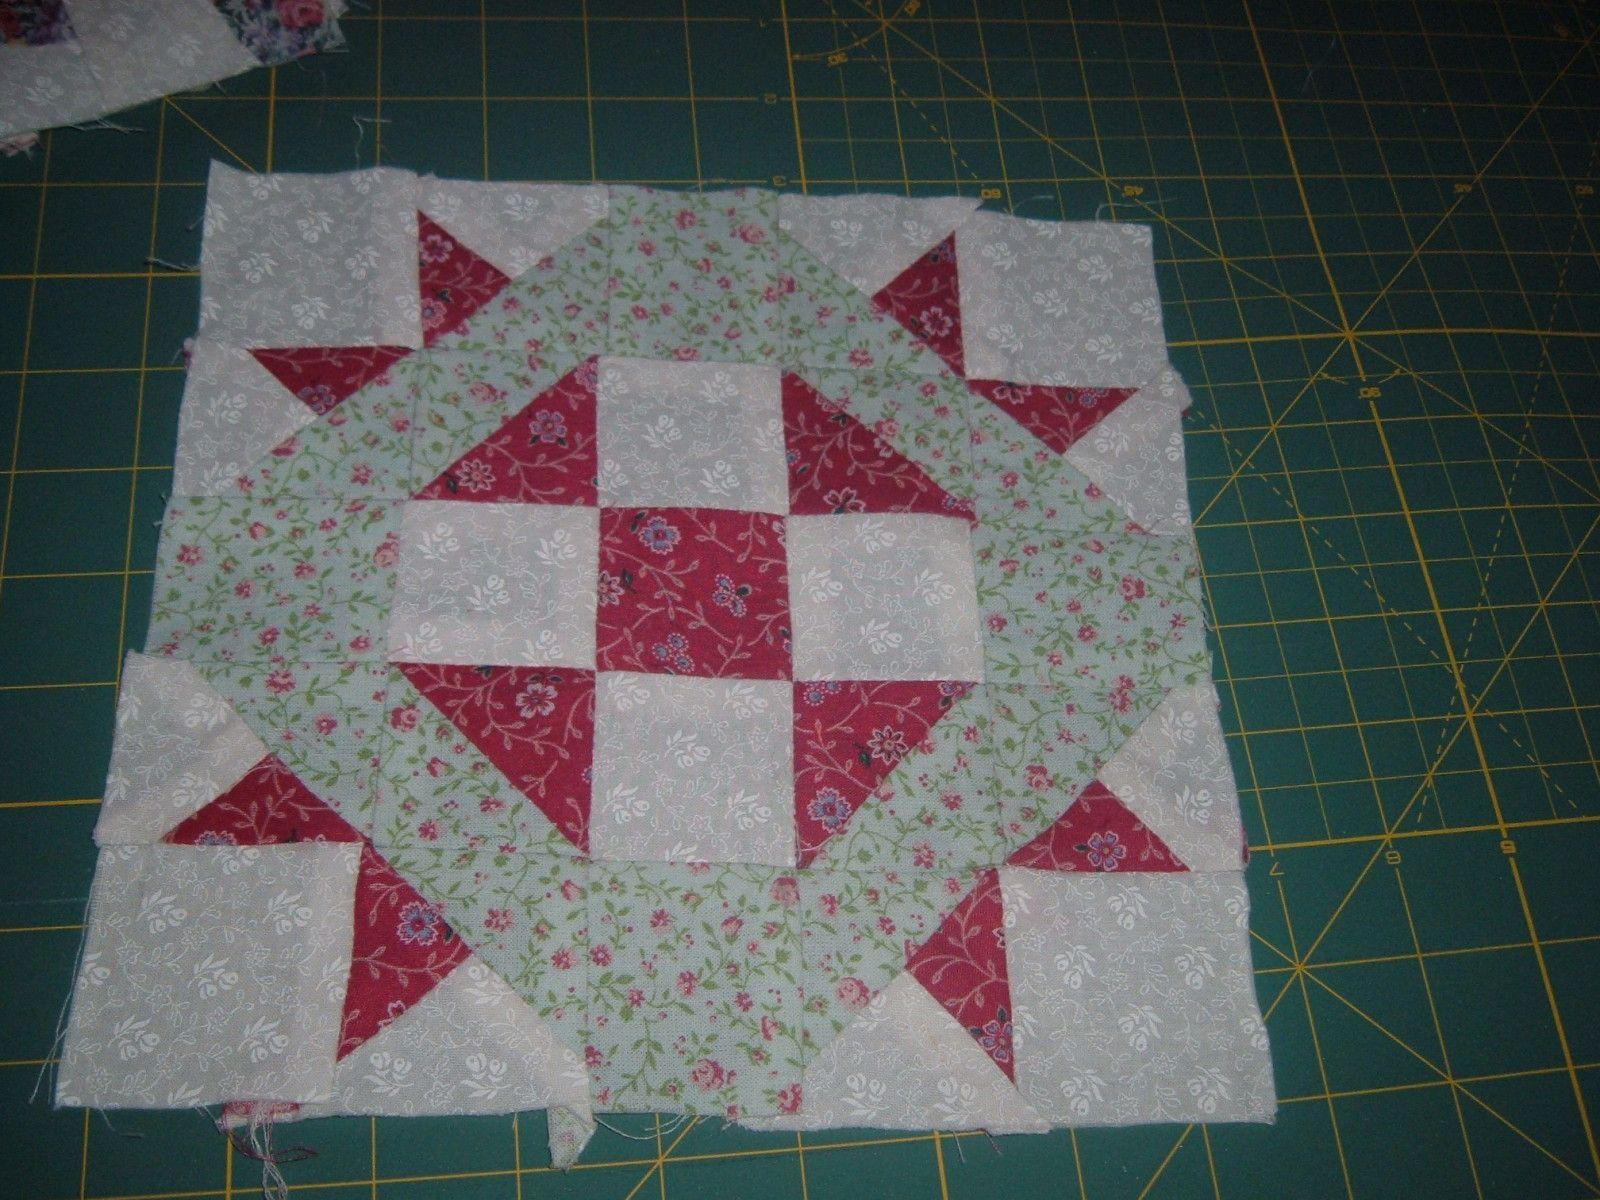 faire un couvre lit patchwork patchwork   chez  MARIE JO 04 faire un couvre lit patchwork